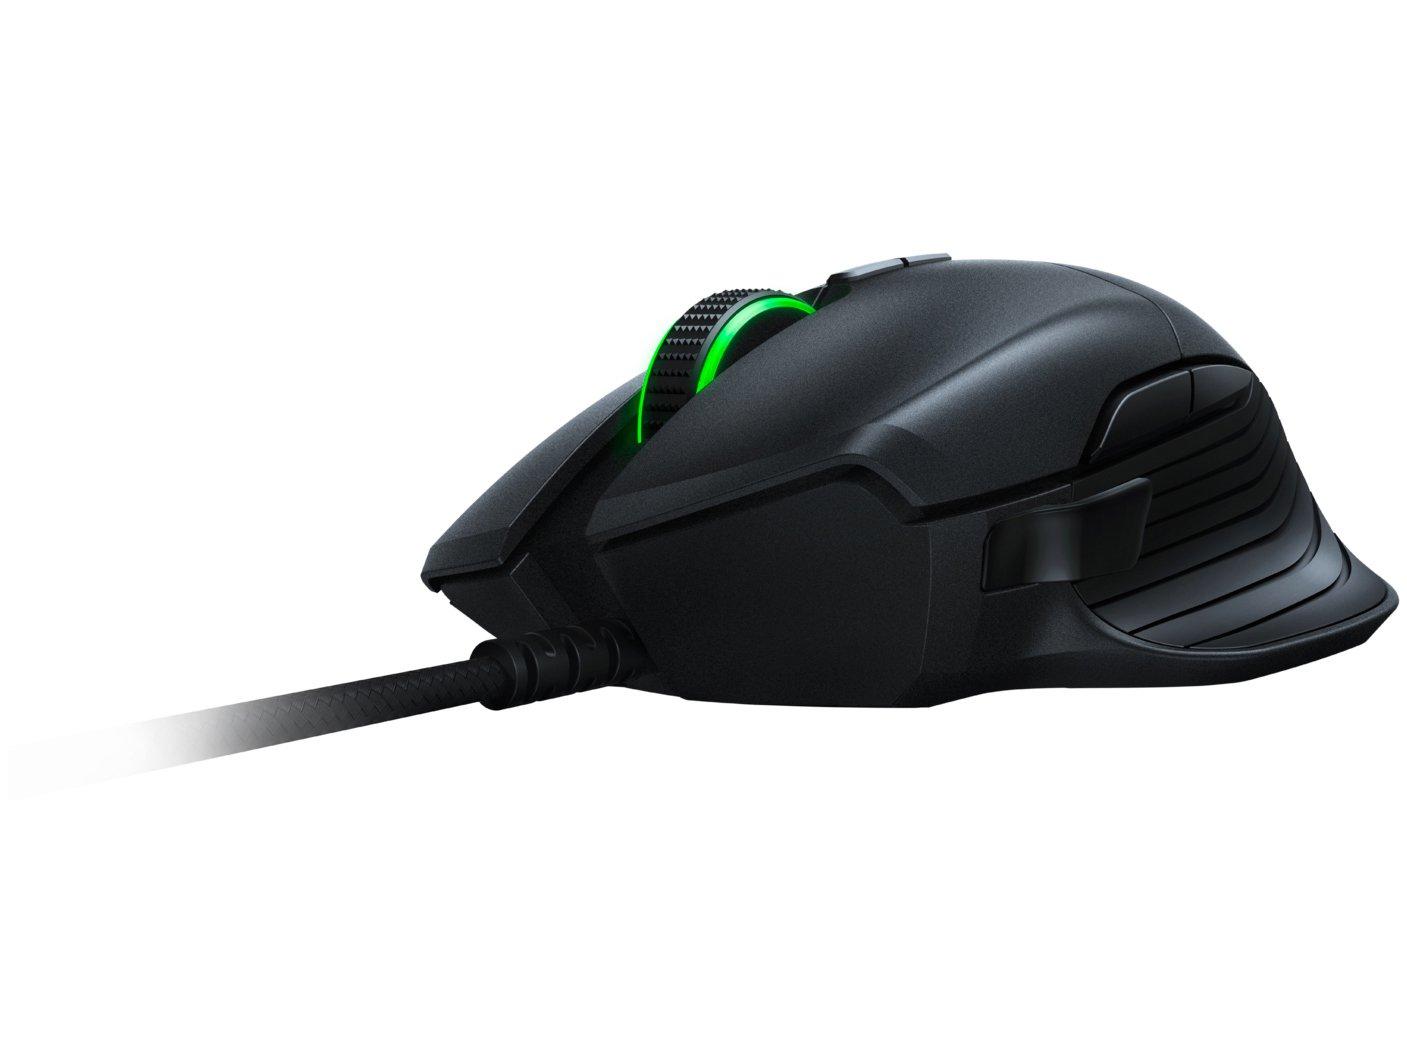 Foto 6 - Mouse para Gamer Sensor Óptico 16000dpi - Razer Basilisk